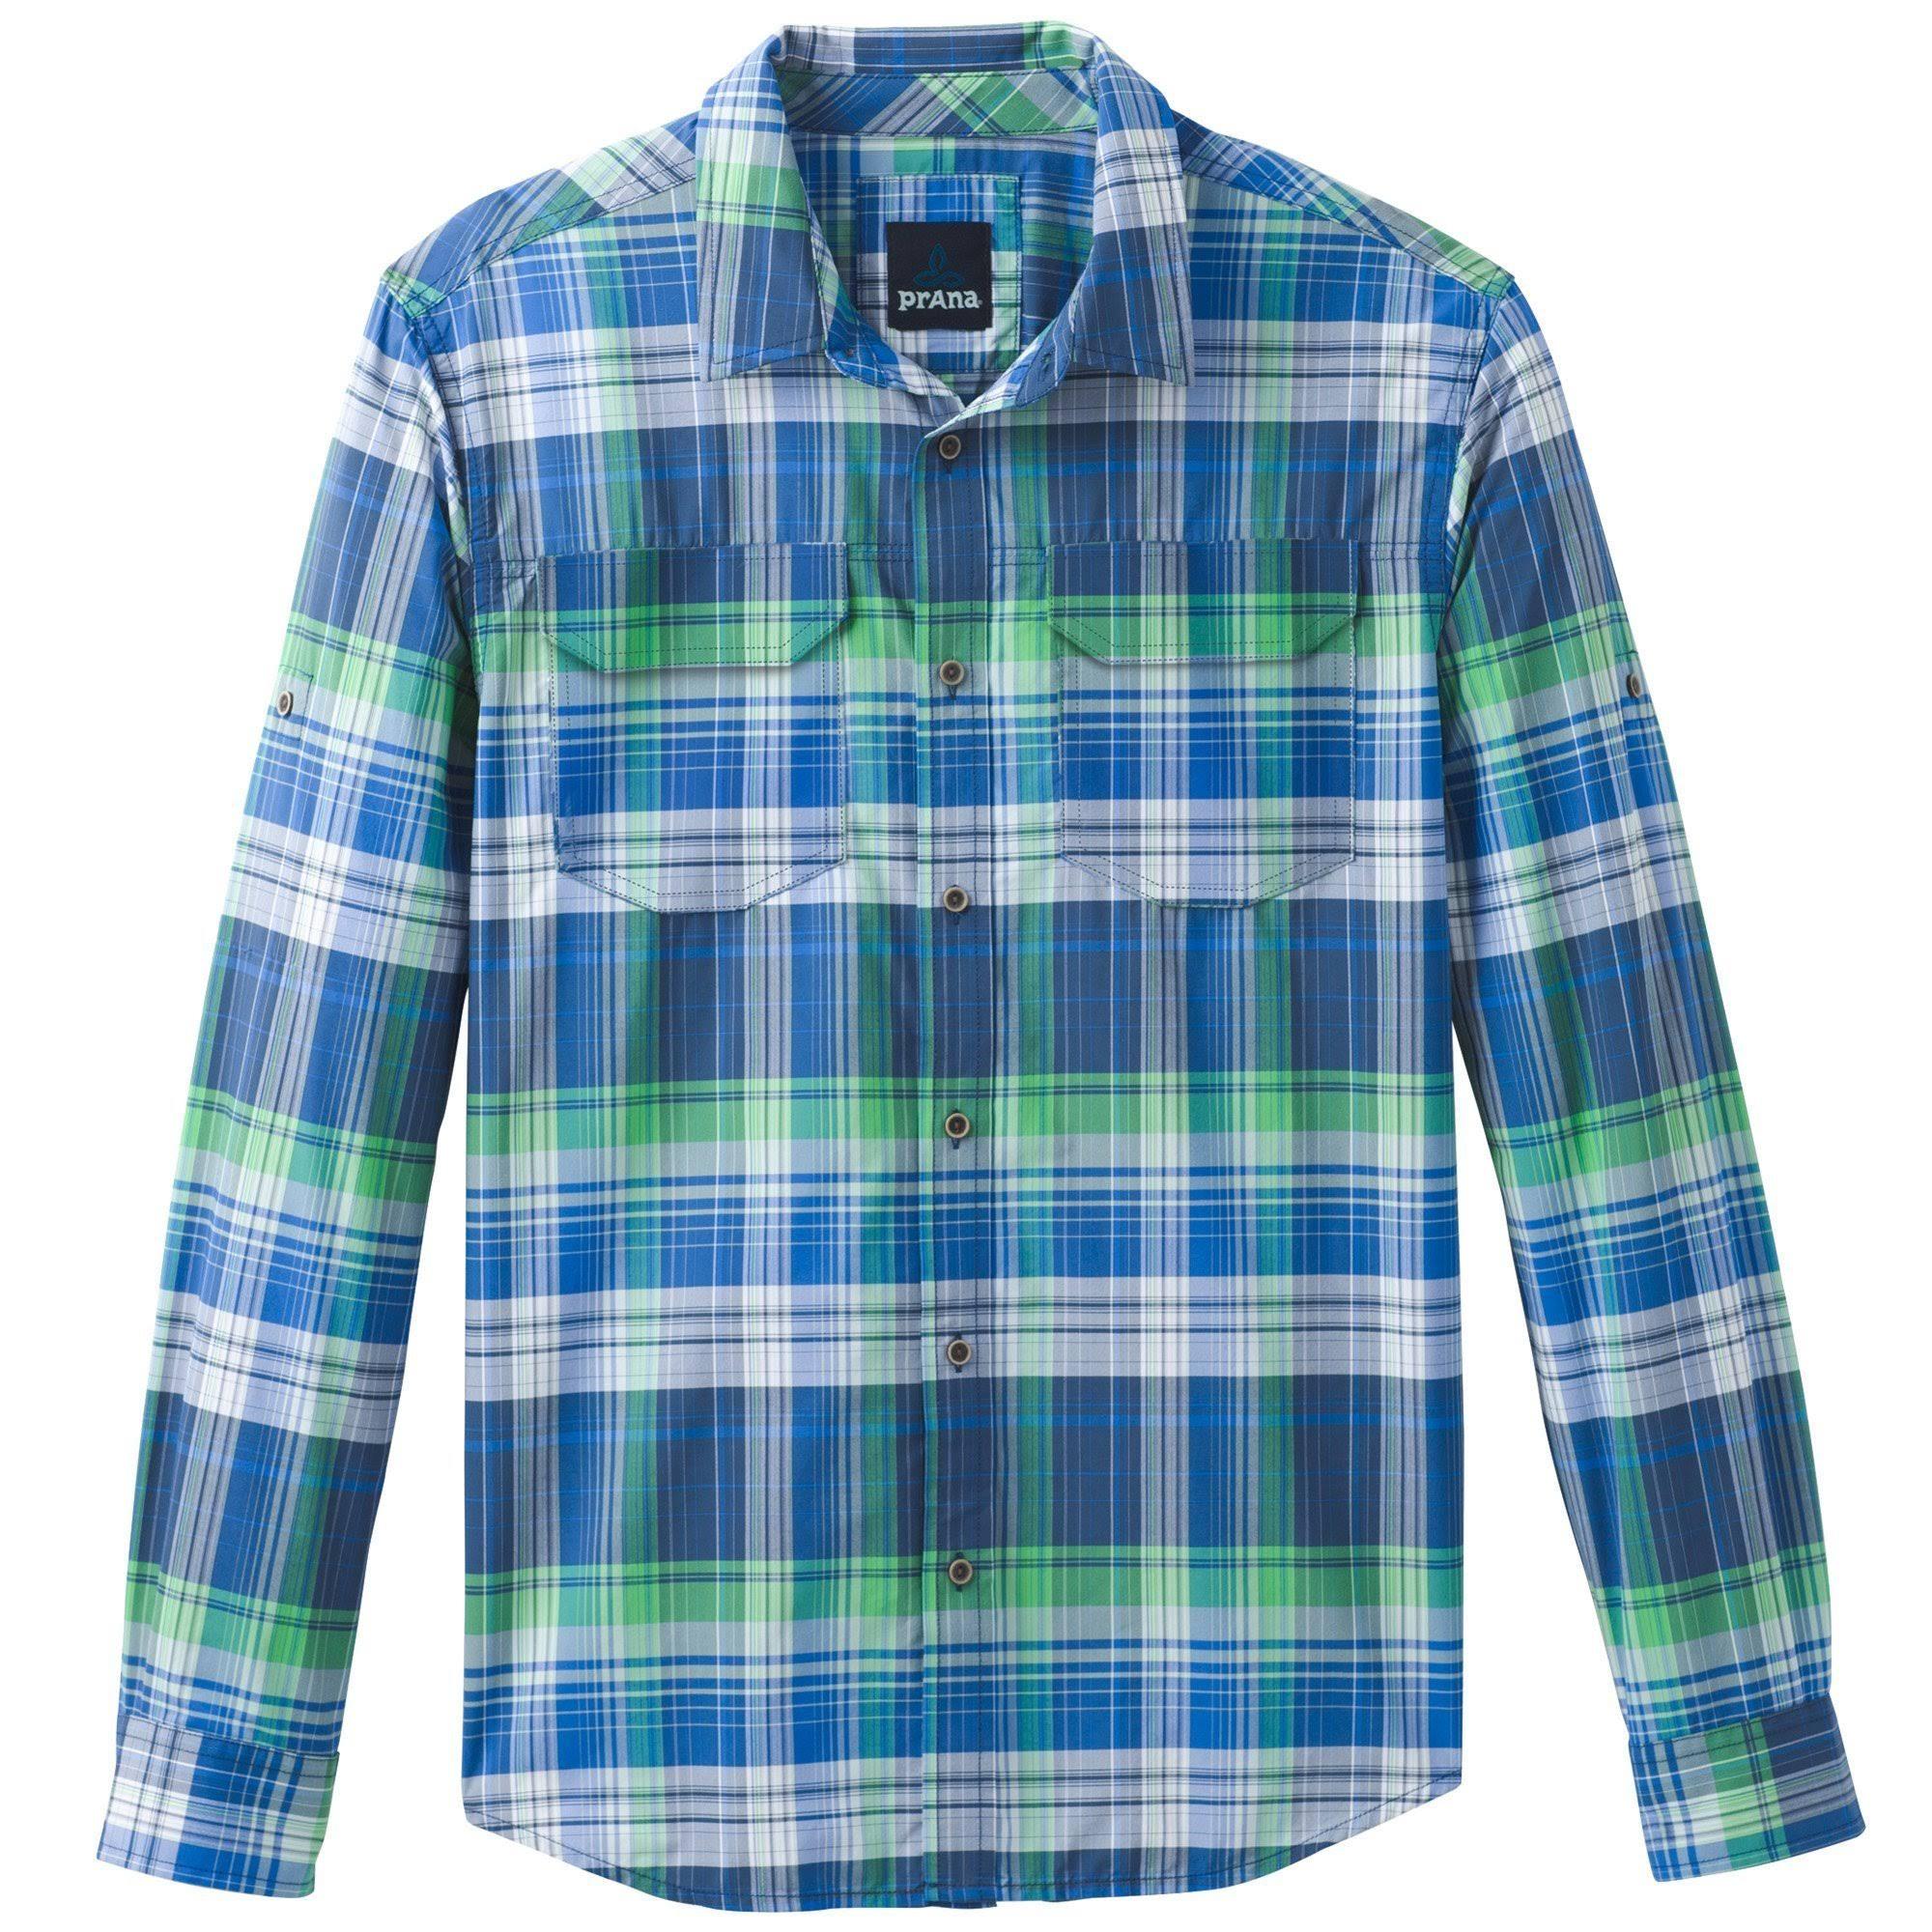 Prana Azul Plaid Camisas S Larga Manga Hombres Citadel Los De Equinox wr7qwB